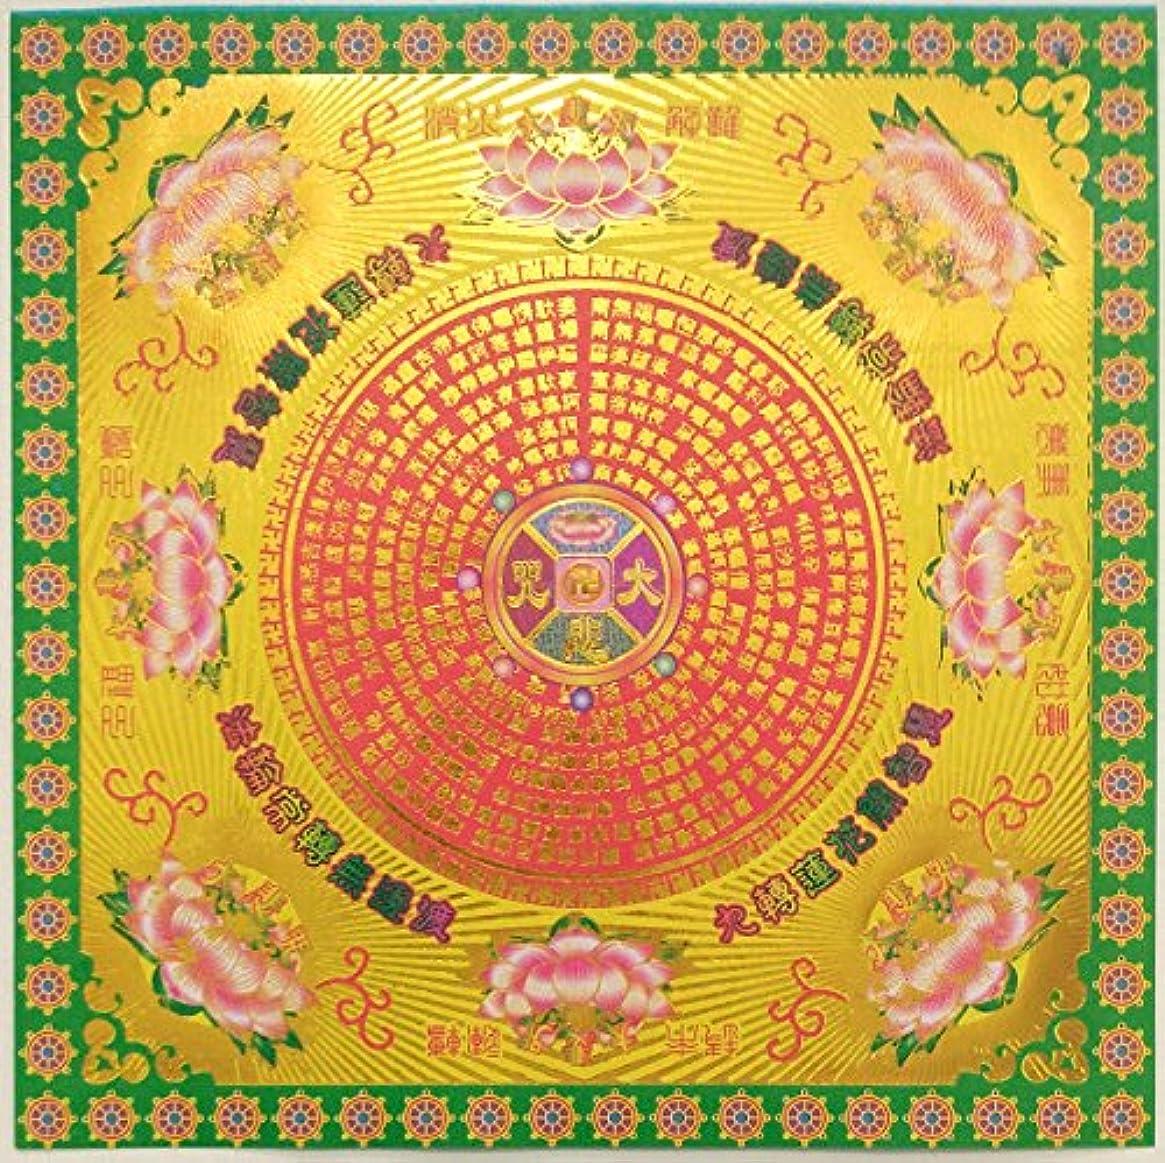 アクセサリー女性確立40pcs Incense用紙/ Joss用紙green-goldSサイズの祖先Praying 7.65インチx 7.65インチ